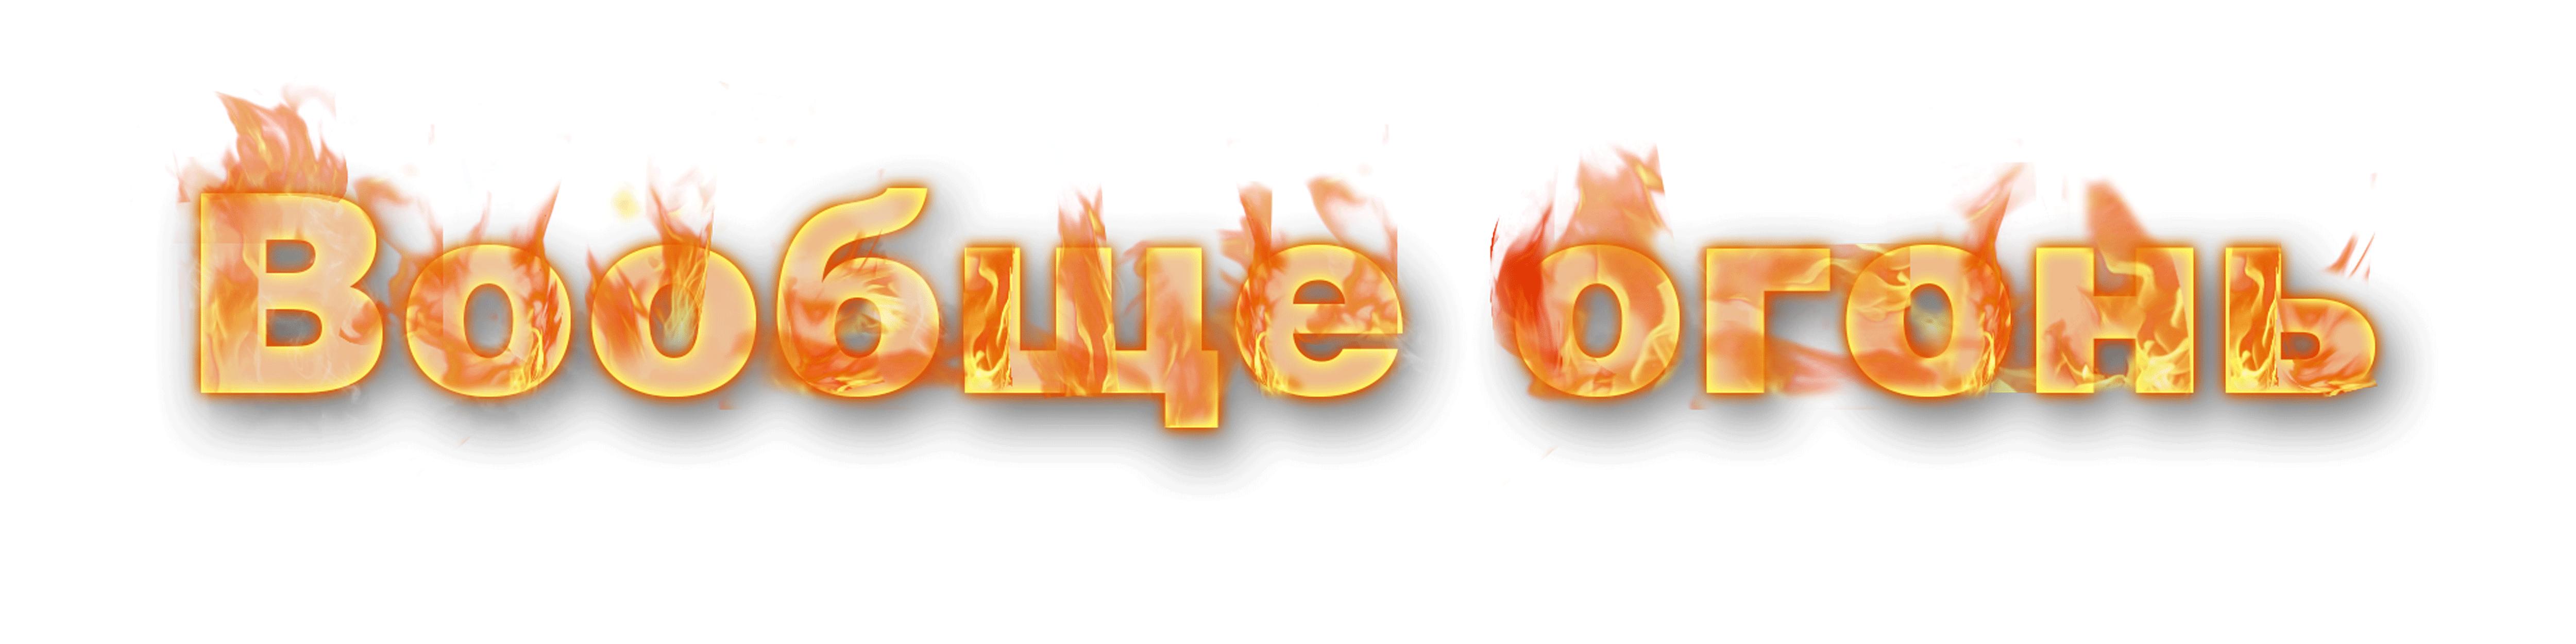 Вообще огонь